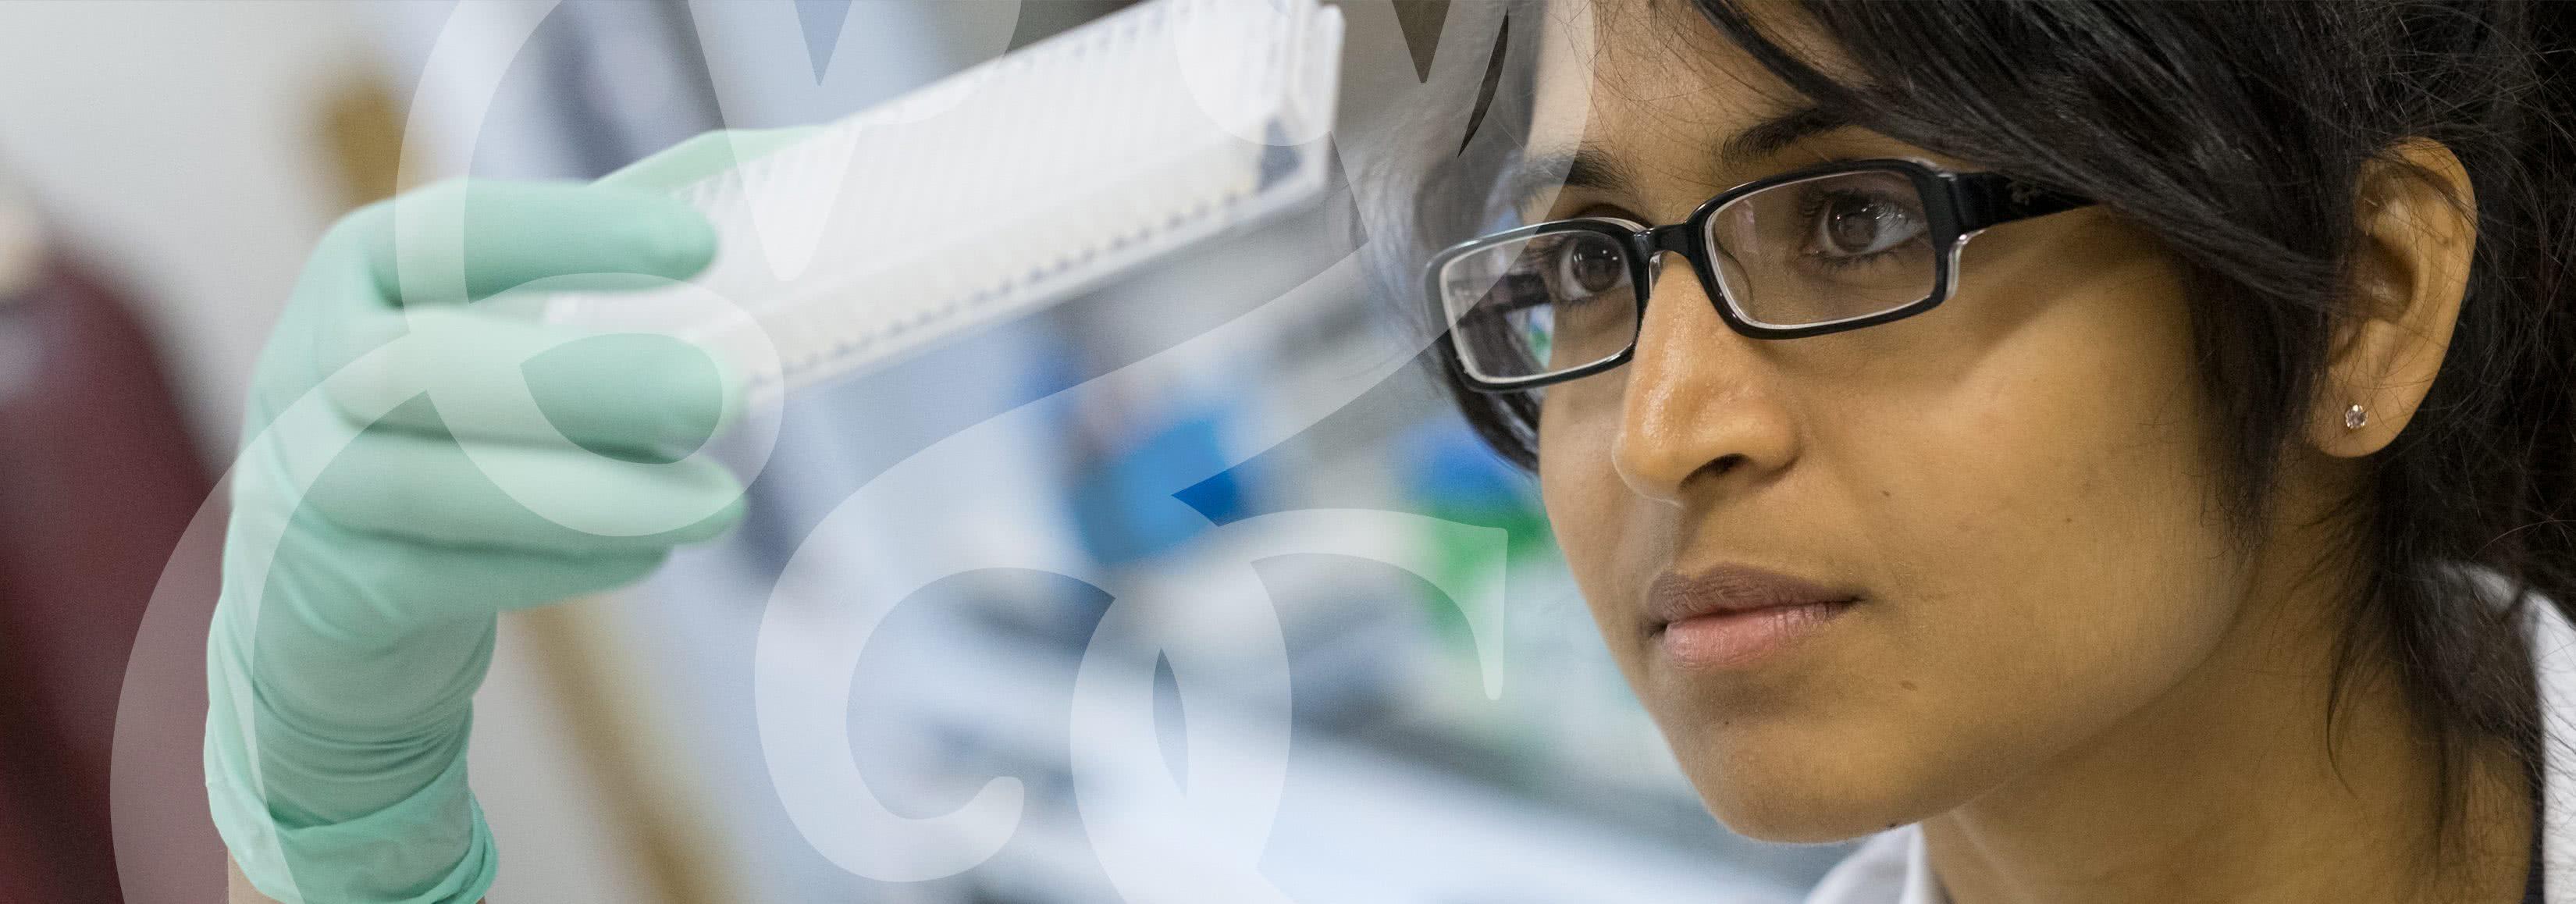 Women & Science - Scientist